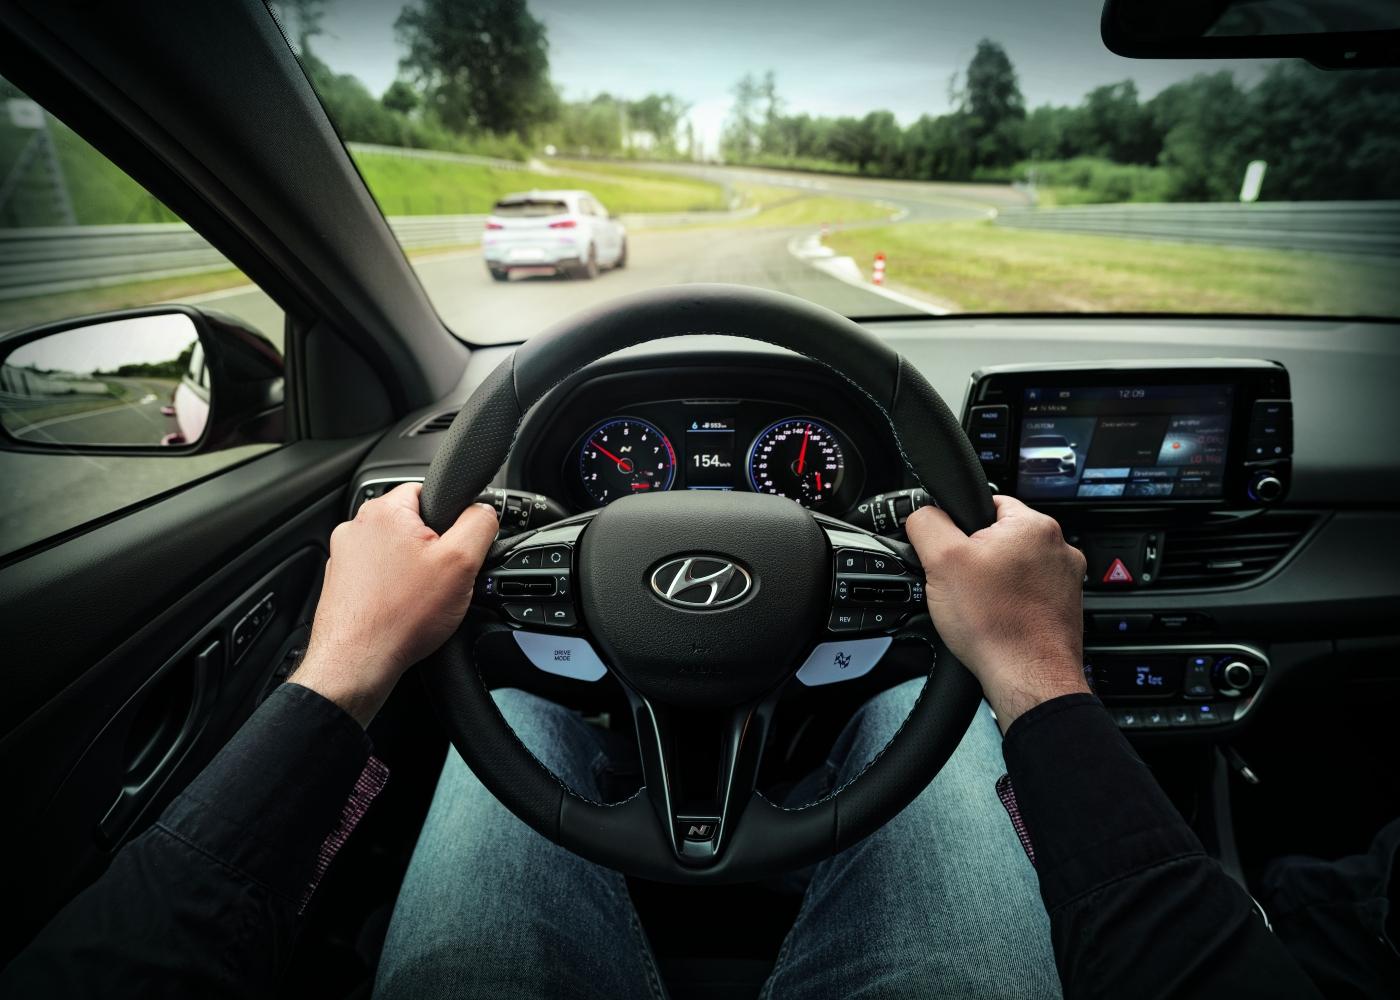 pessoa no interior de um veículo a testar autonomia dos carros elétricos